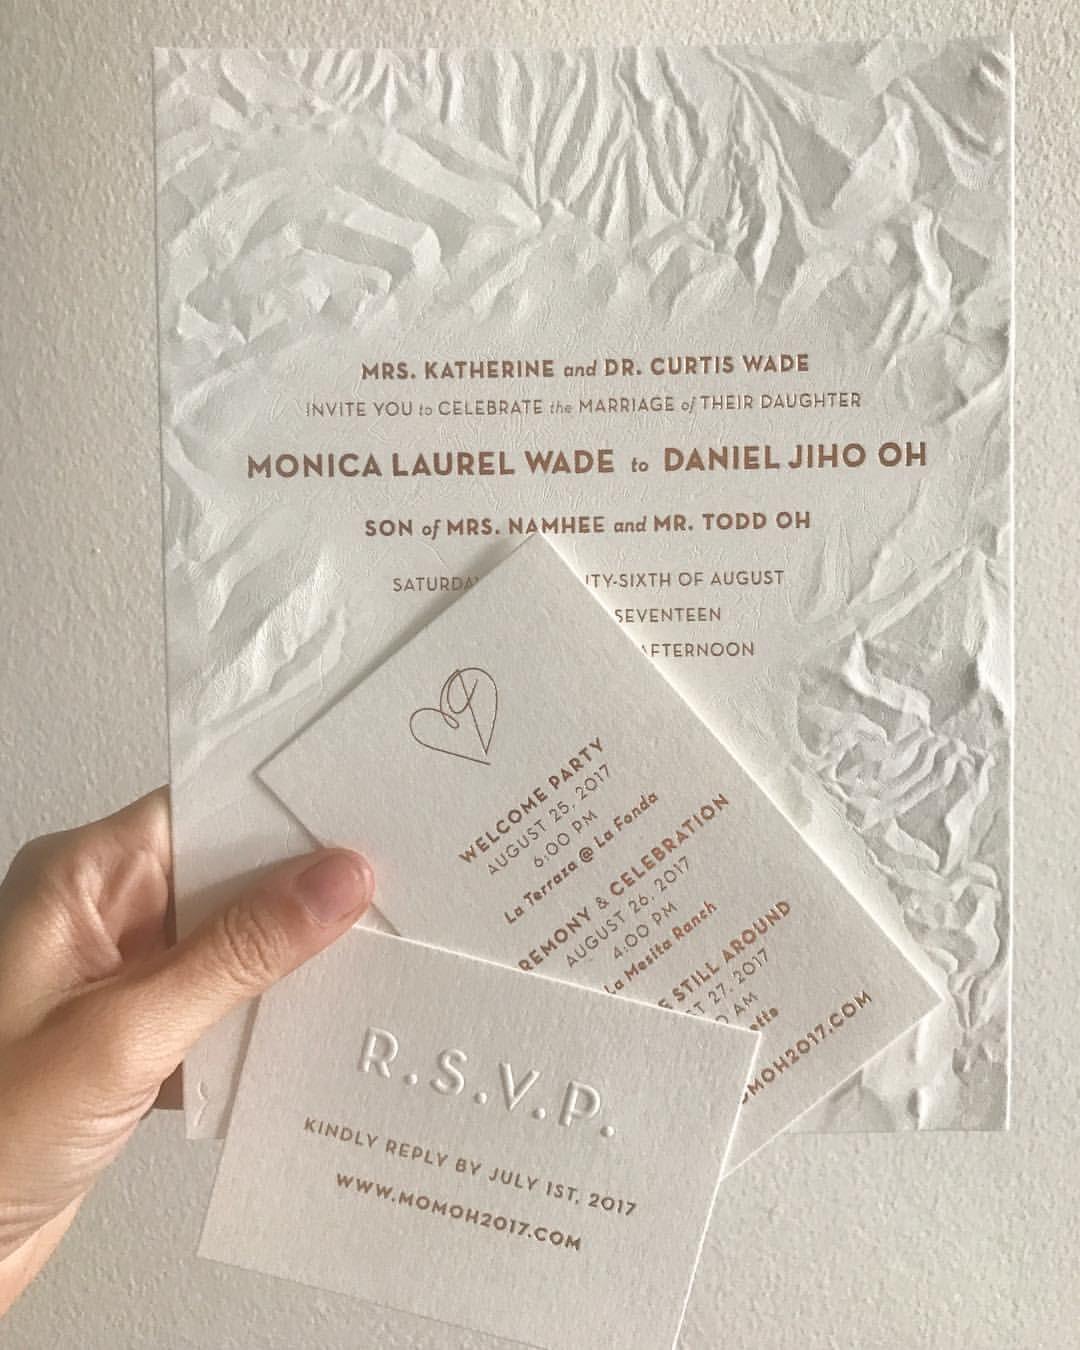 Pin on Wedding Invite Ideas